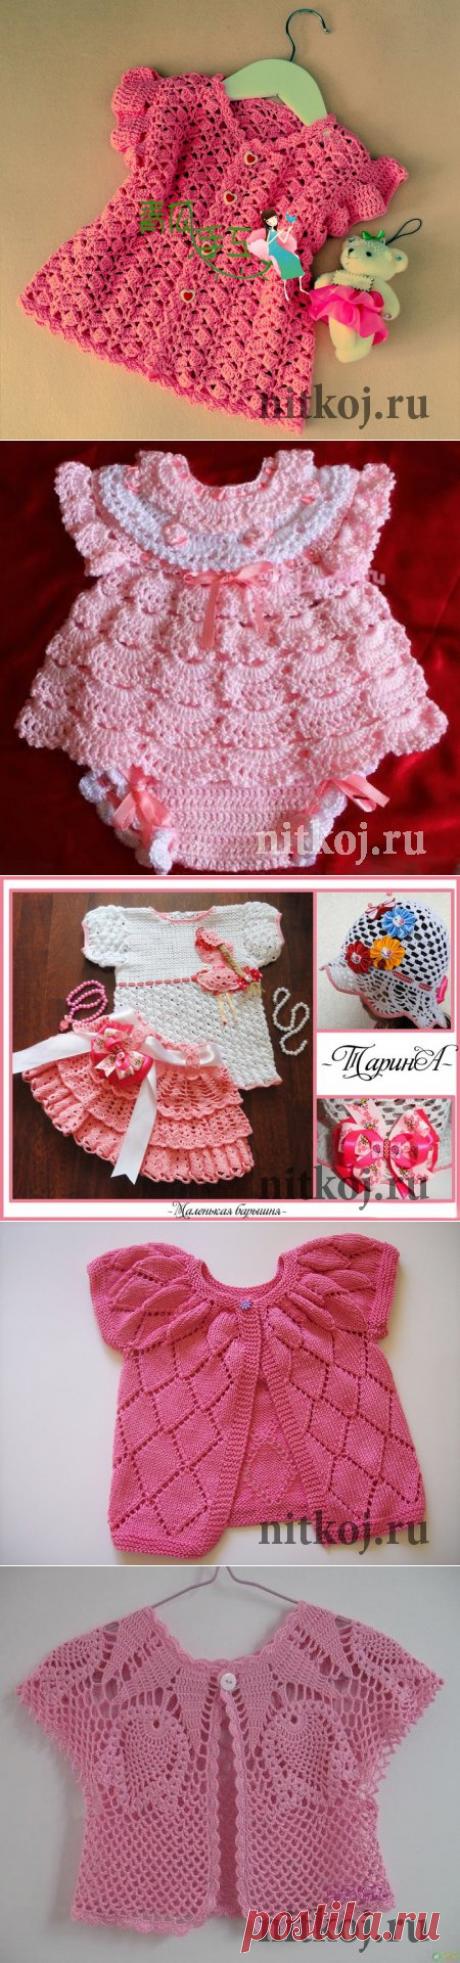 Летние детские кофточки » Ниткой - вязаные вещи для вашего дома, вязание крючком, вязание спицами, схемы вязания